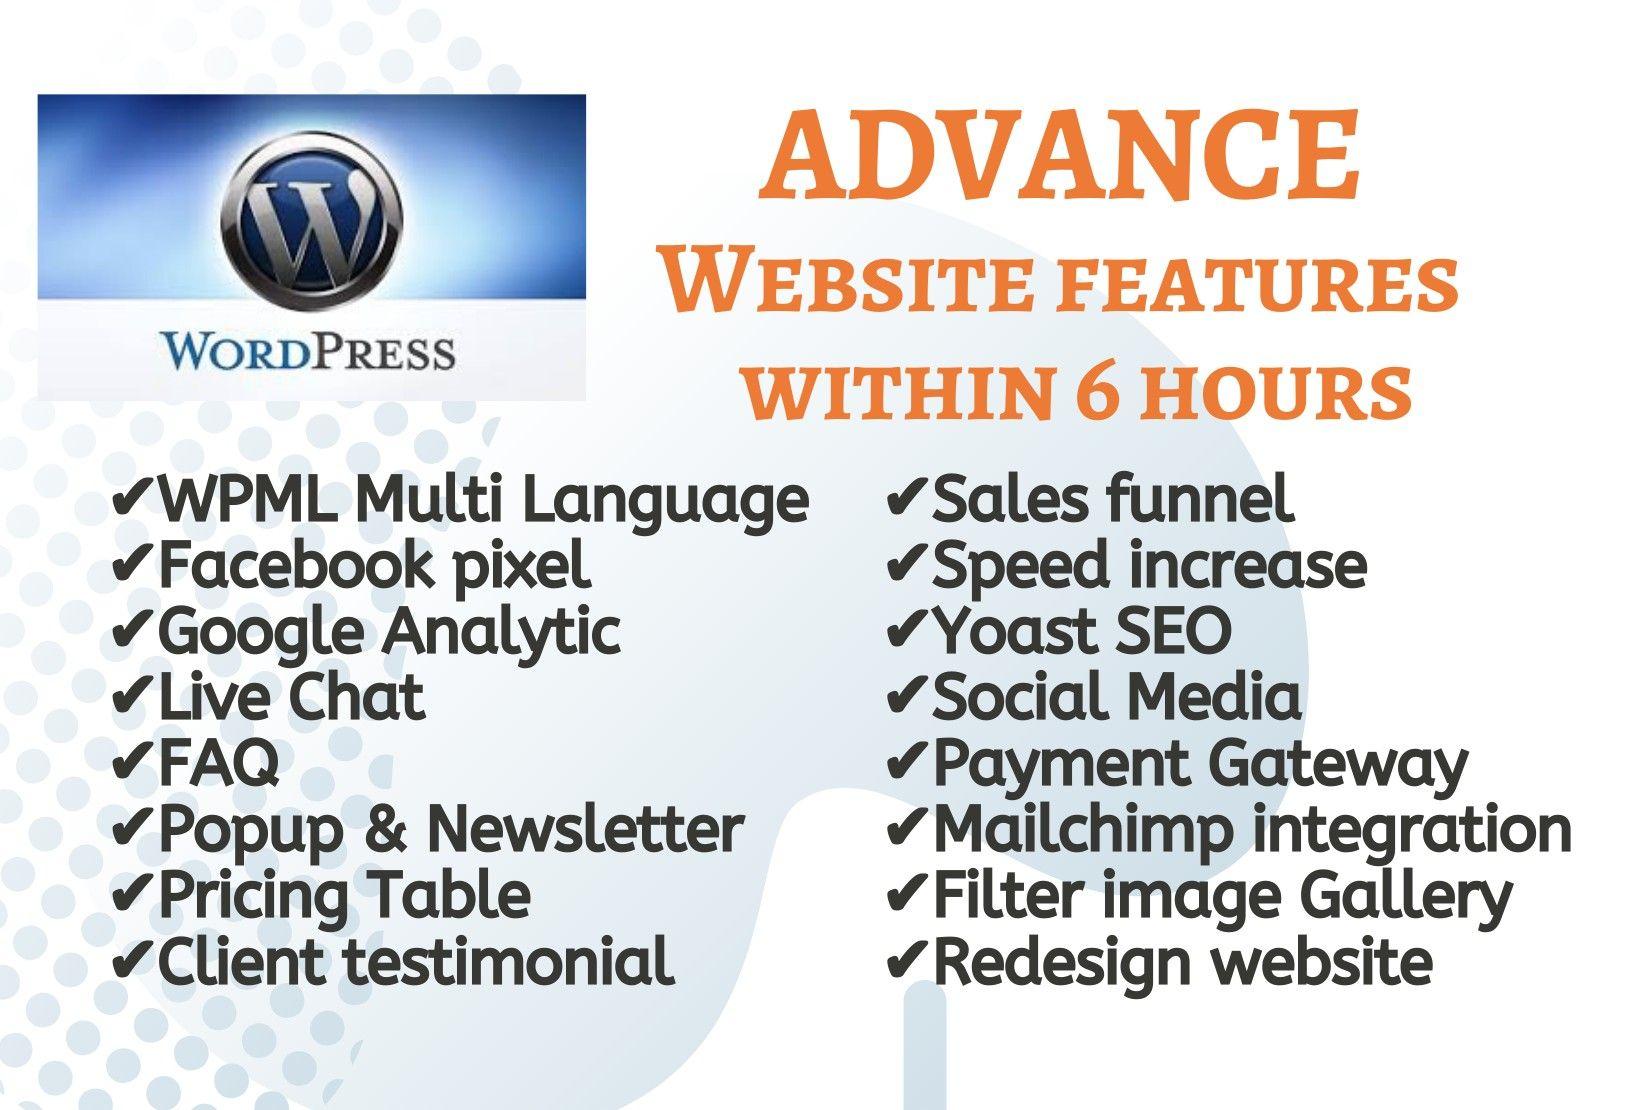 Special Features of website. #FAQ #WPML # FacebookPixel #GoogleAnalytic #LiveChat #Popup #NewsLetter...